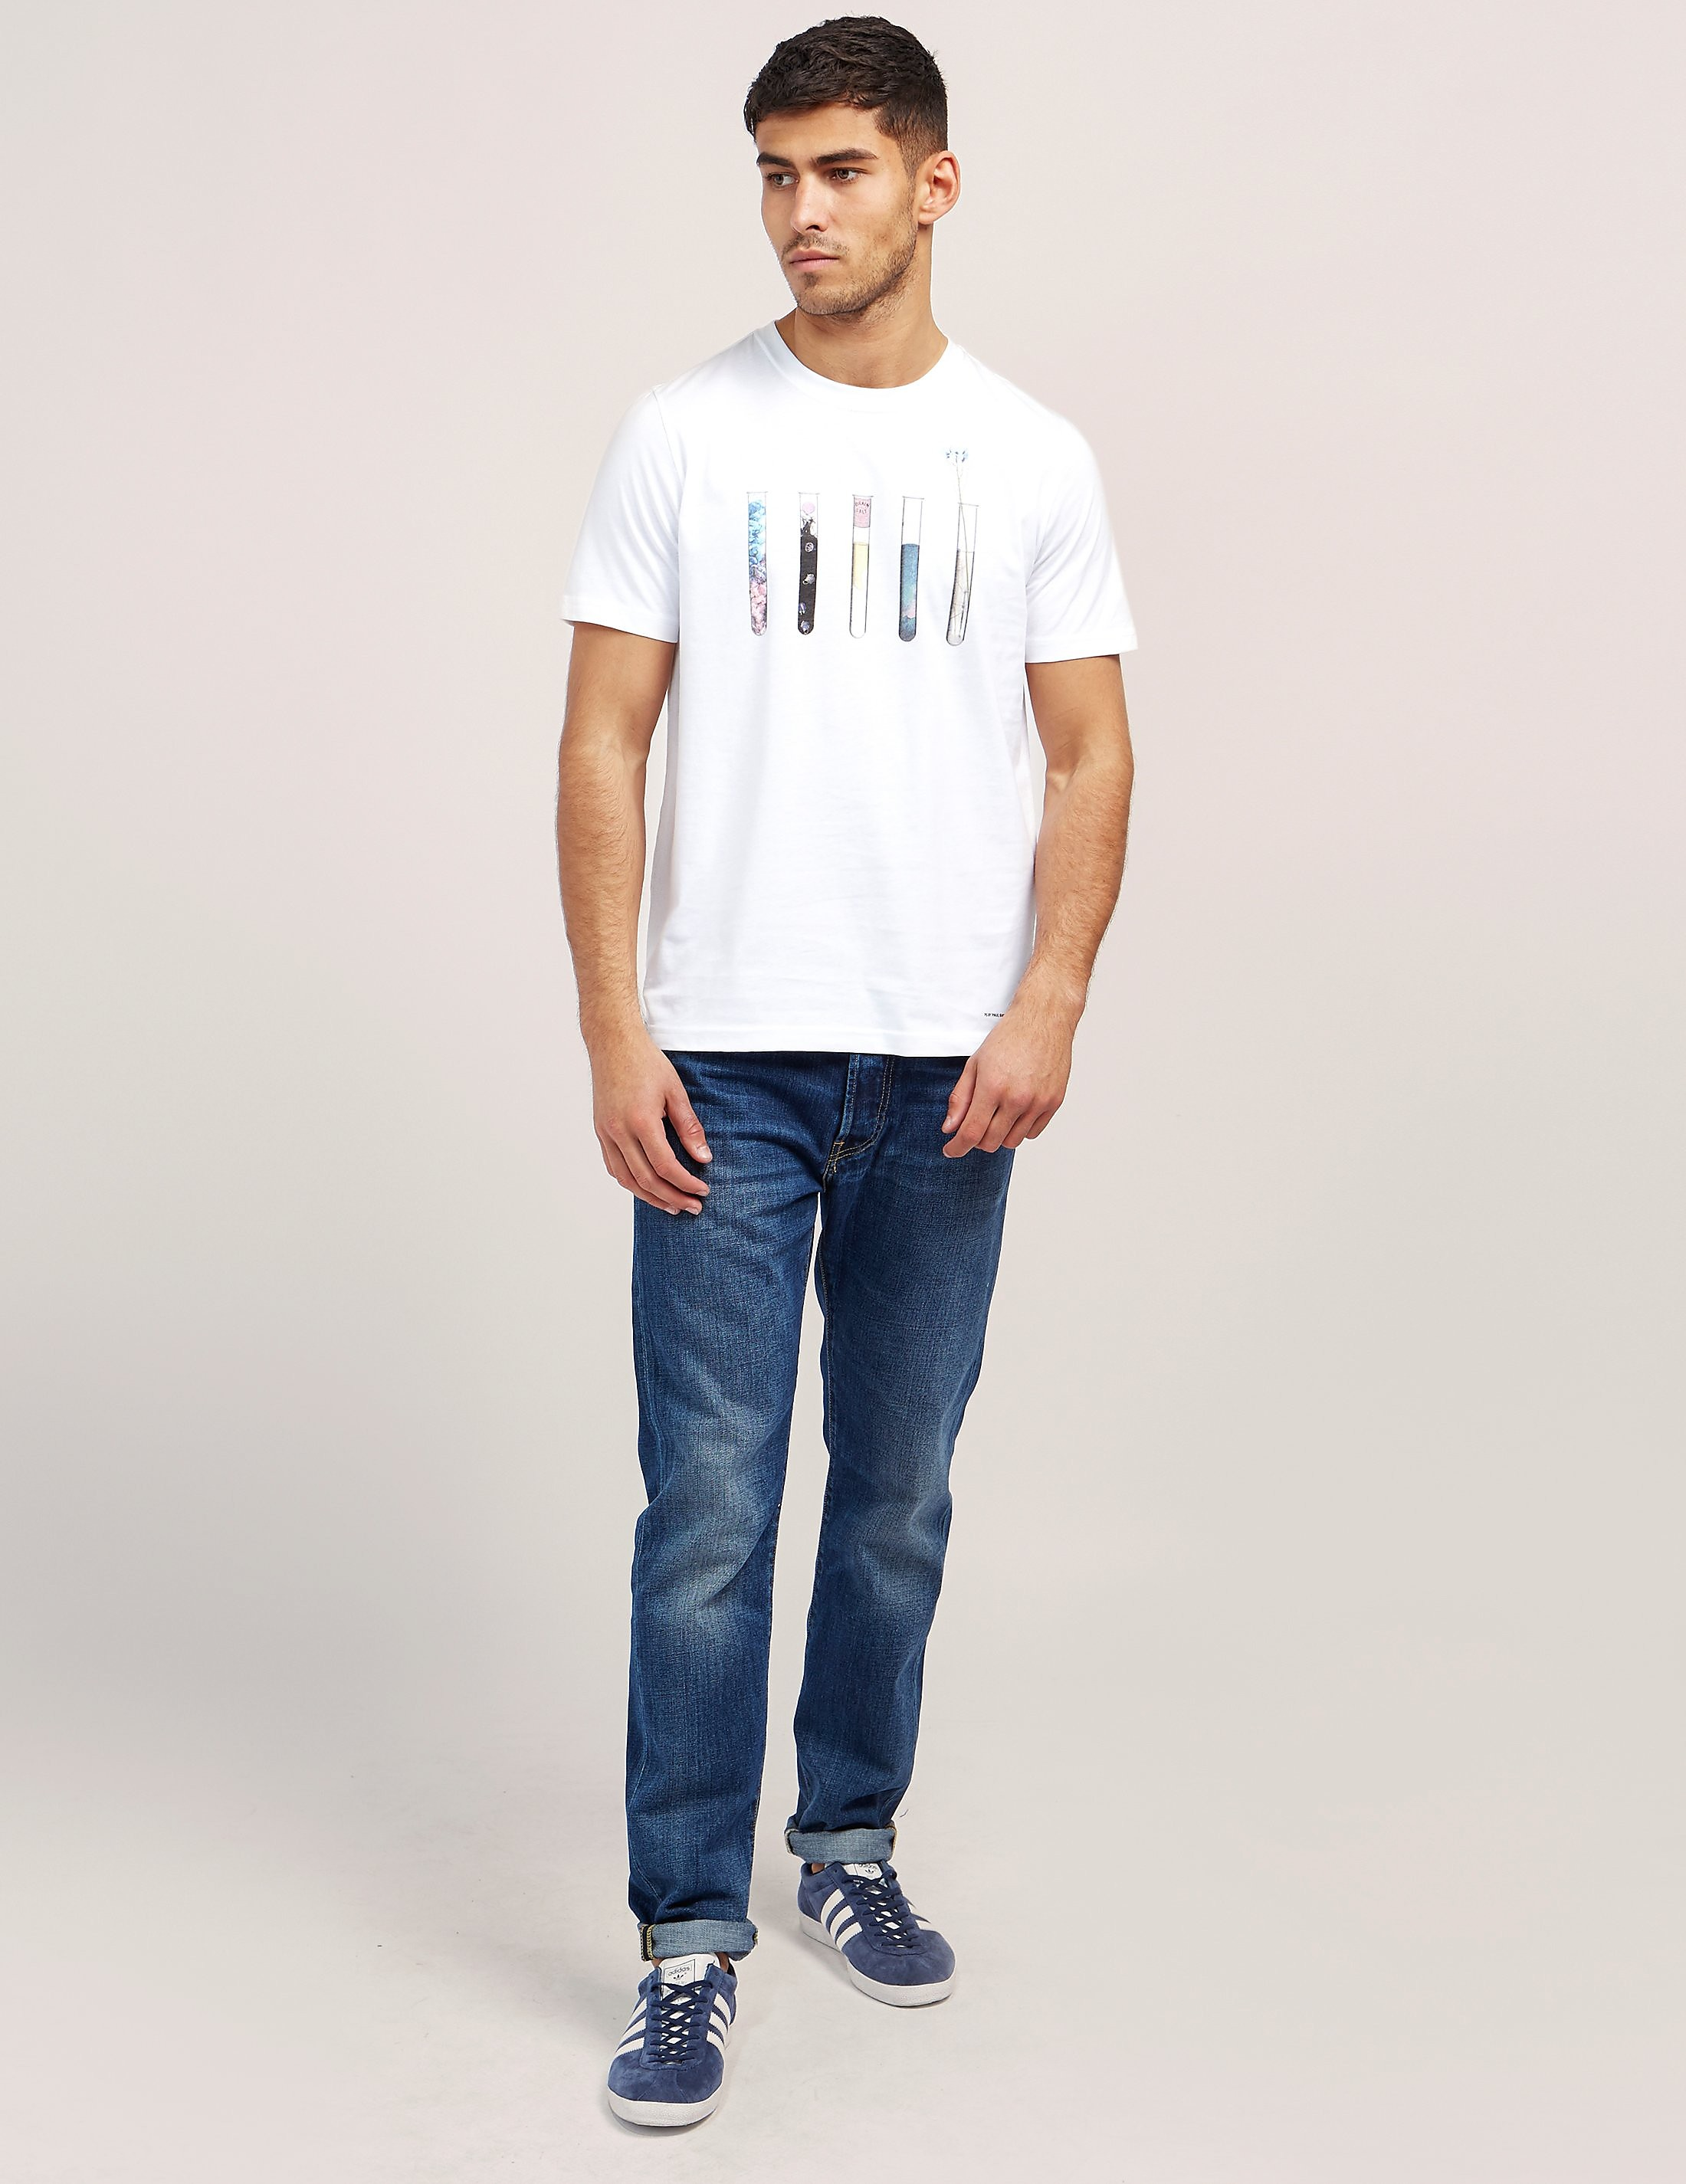 Paul Smith Test Tubes Short Sleeve T-Shirt